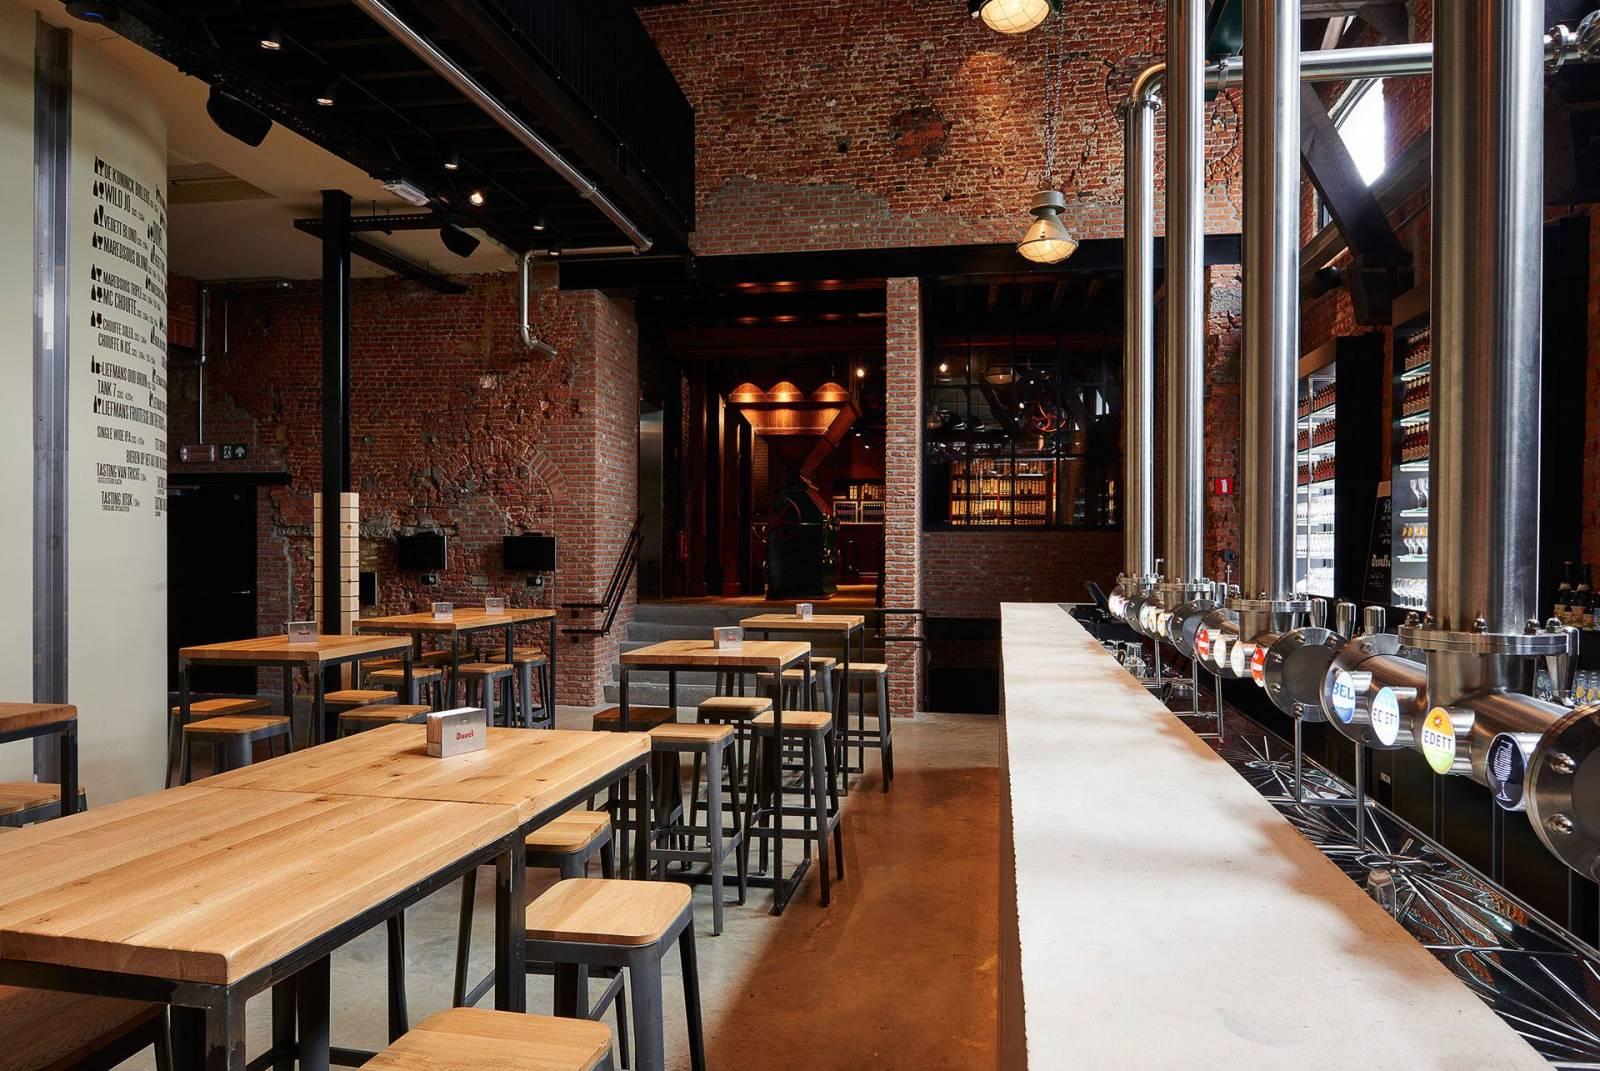 Brouwerij de Koninck - venue - House of Weddings - 9